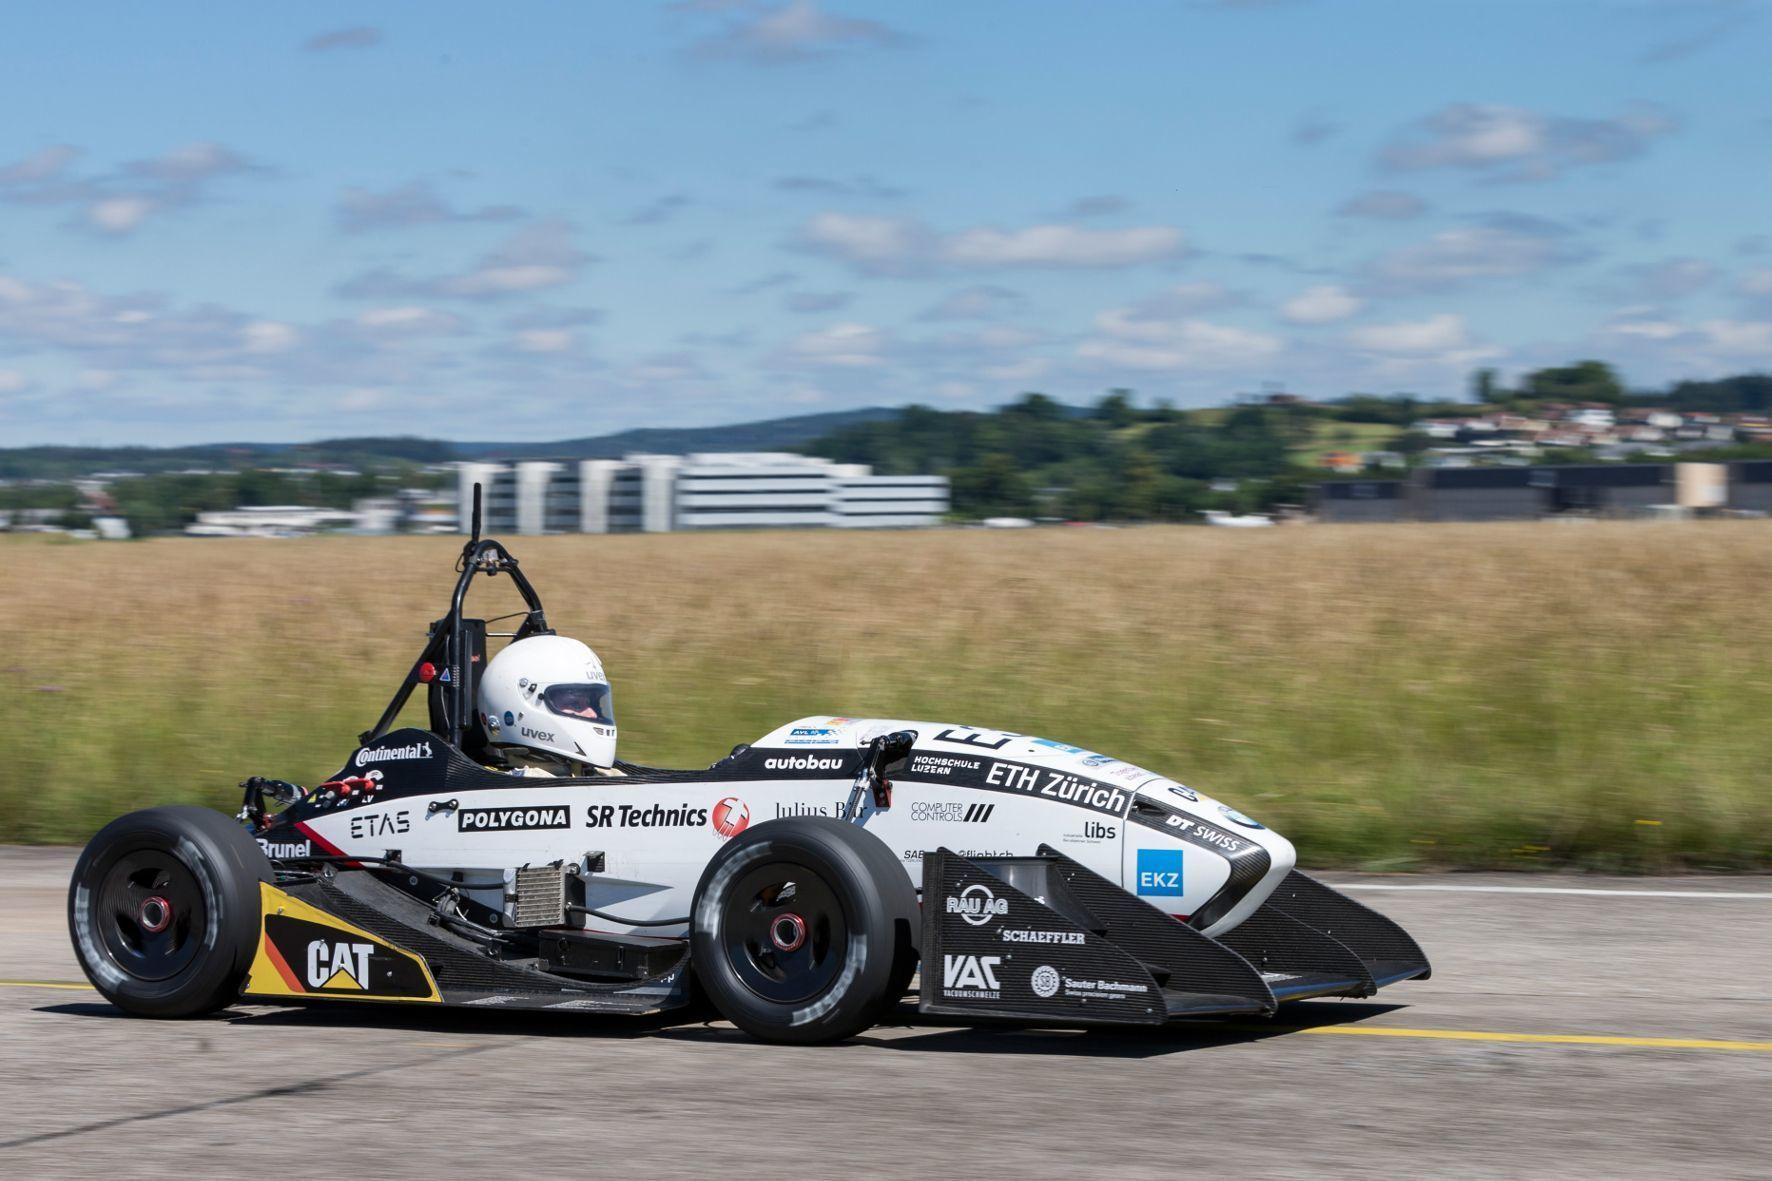 """mid Groß-Gerau - Weltrekord: Das Elektroauto """"Grimsel"""" beschleunigt in 1,513 Sekunden von 0 auf 100 km/h. Die Geschwindigkeit von 100 km/h erreicht das Fahrzeug innerhalb von weniger als 30 Metern auf dem Militärflugplatz Dübendorf bei Zürich."""